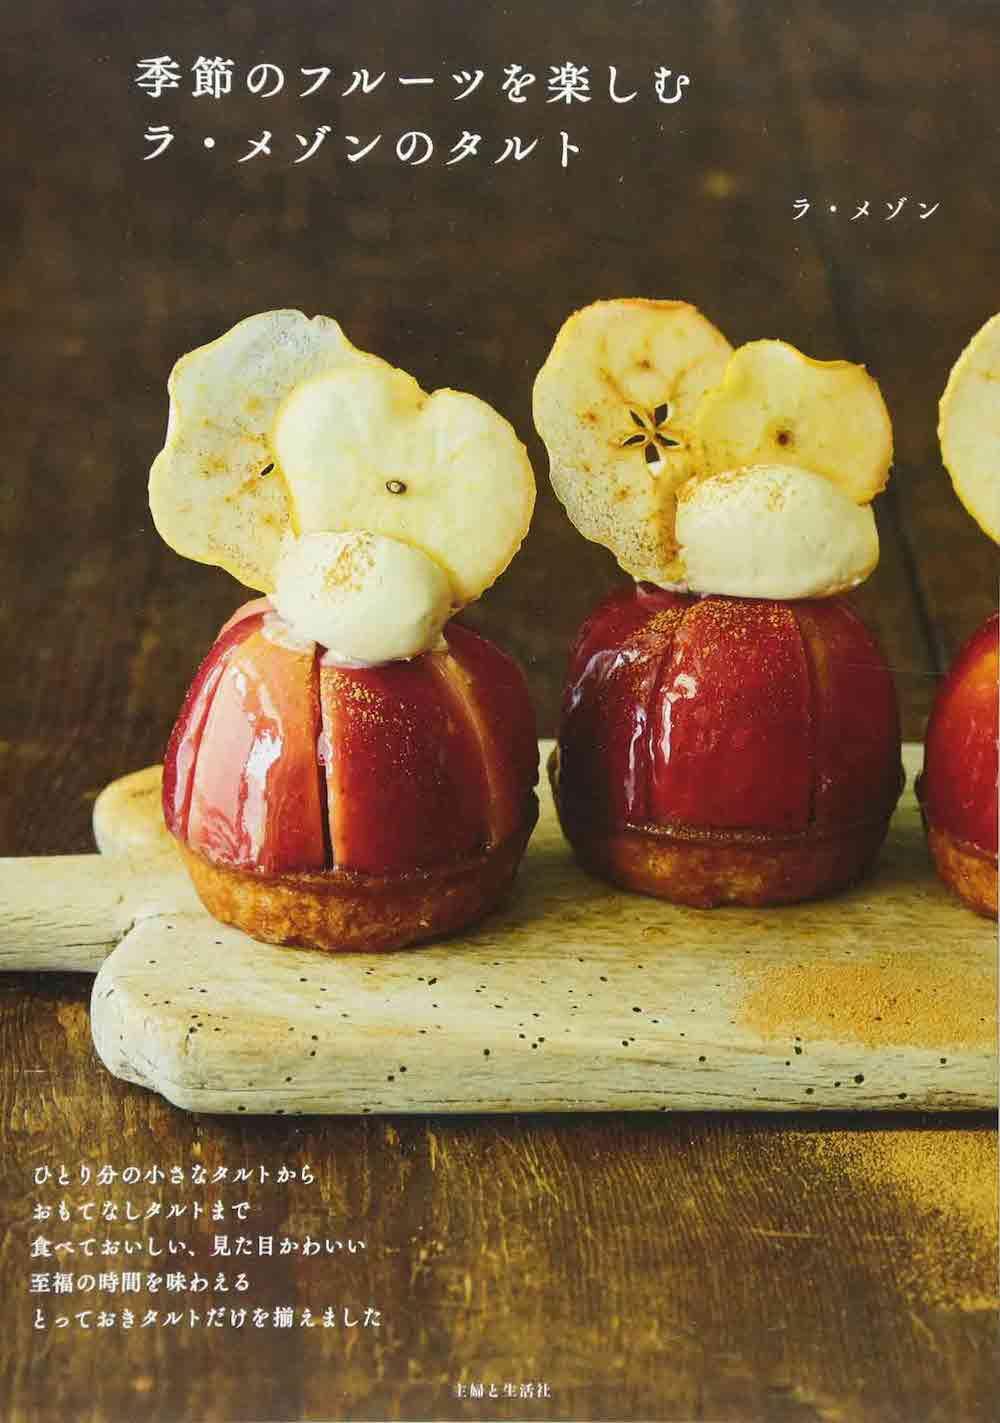 【レシピ本】季節のフルーツを楽しむ ラ・メゾンのタルト